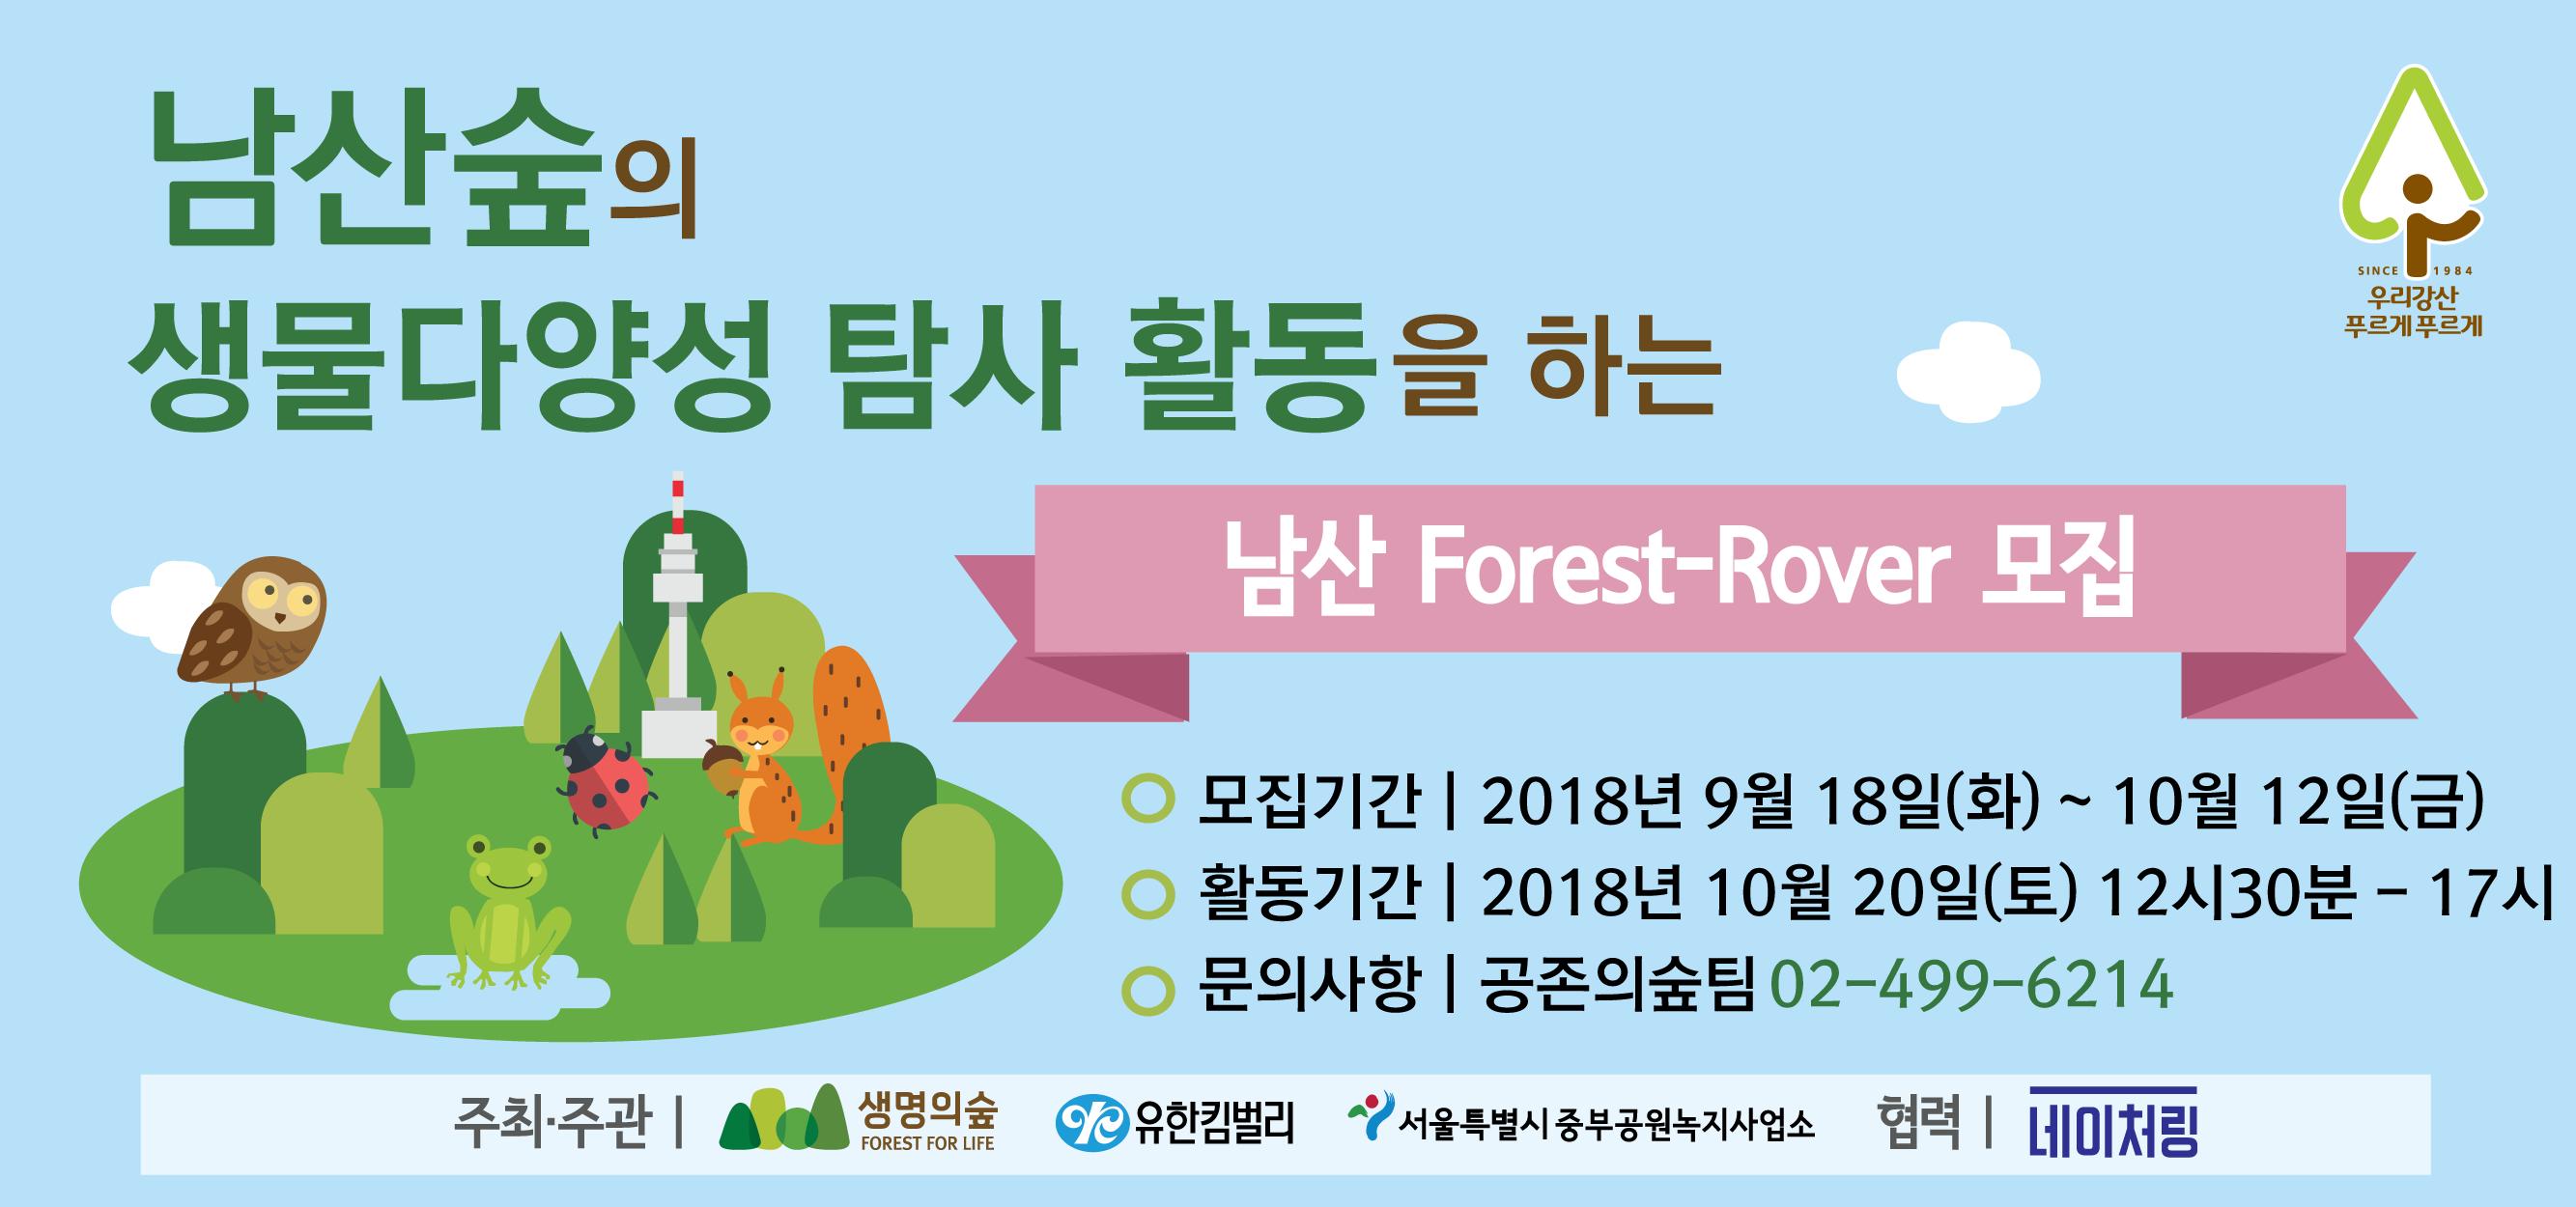 %ec%83%9d%eb%aa%85%ec%9d%98 %ec%88%b2 %eb%82%a8%ec%82%b0 forest rover mobile banner v3 1537249707